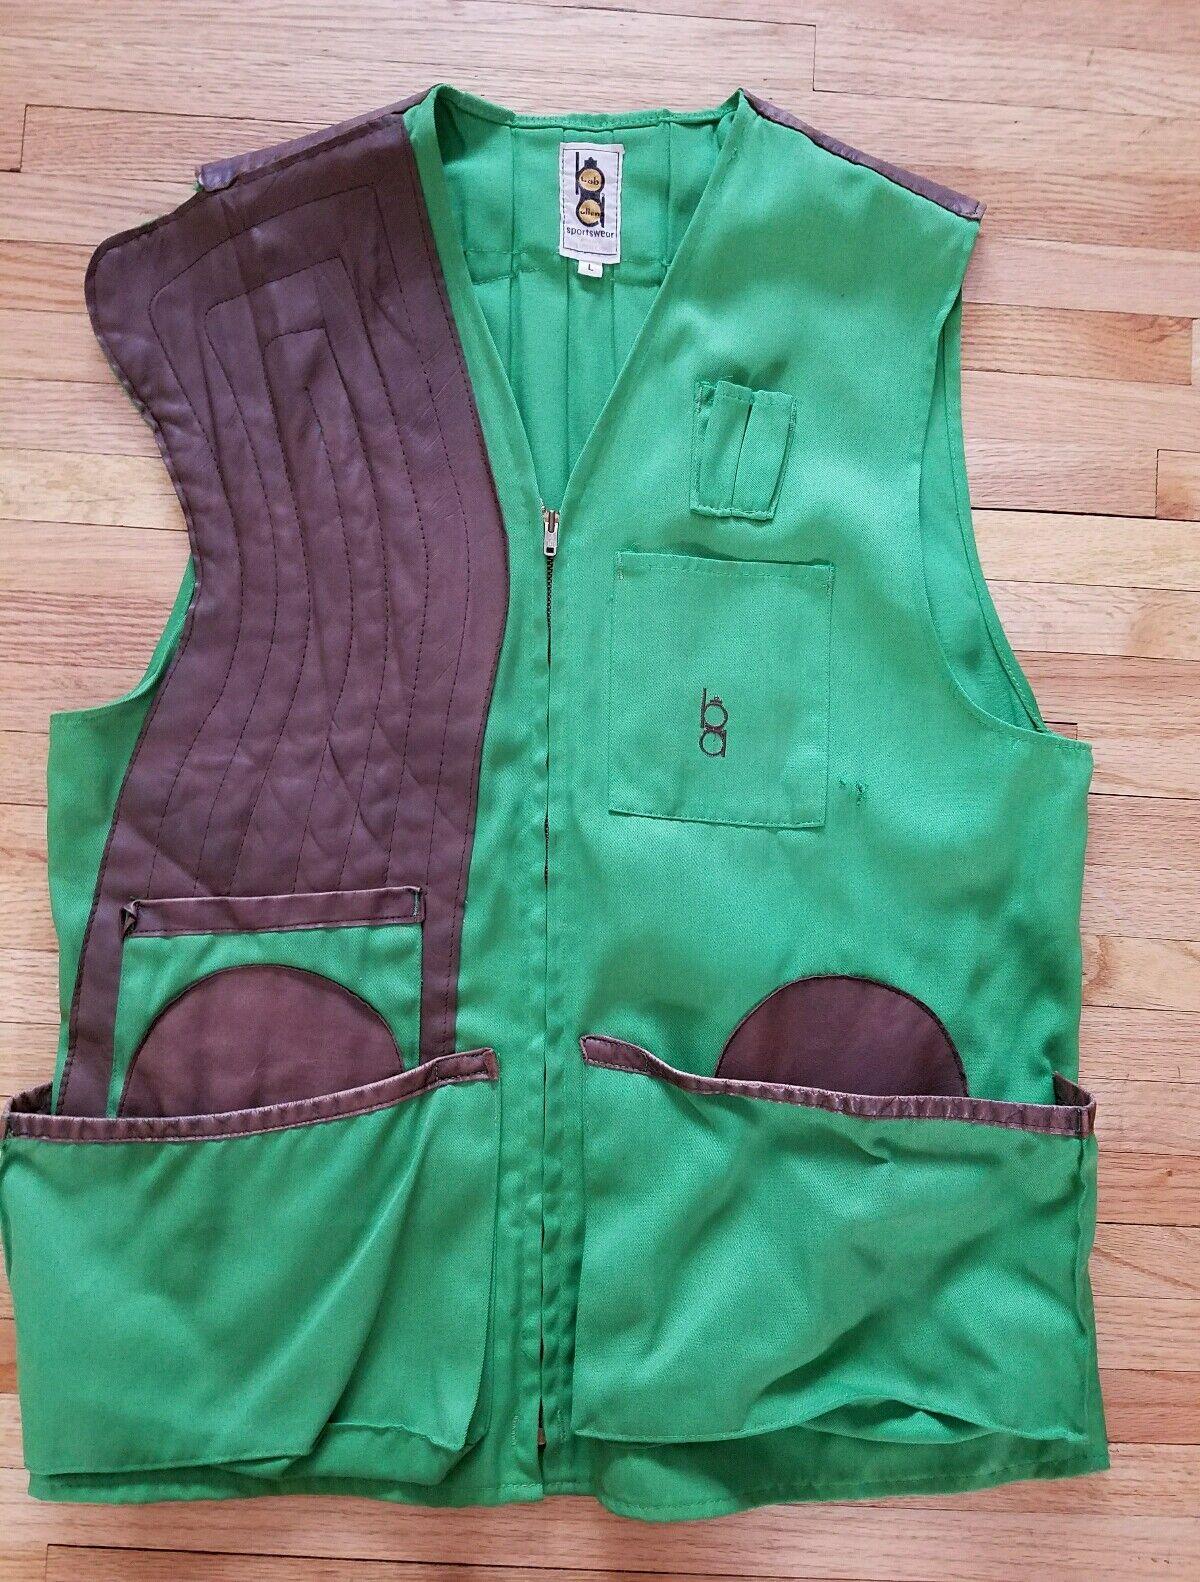 Vintage Bob Allen Green Hunting Vest Mens Size Large Made in USA